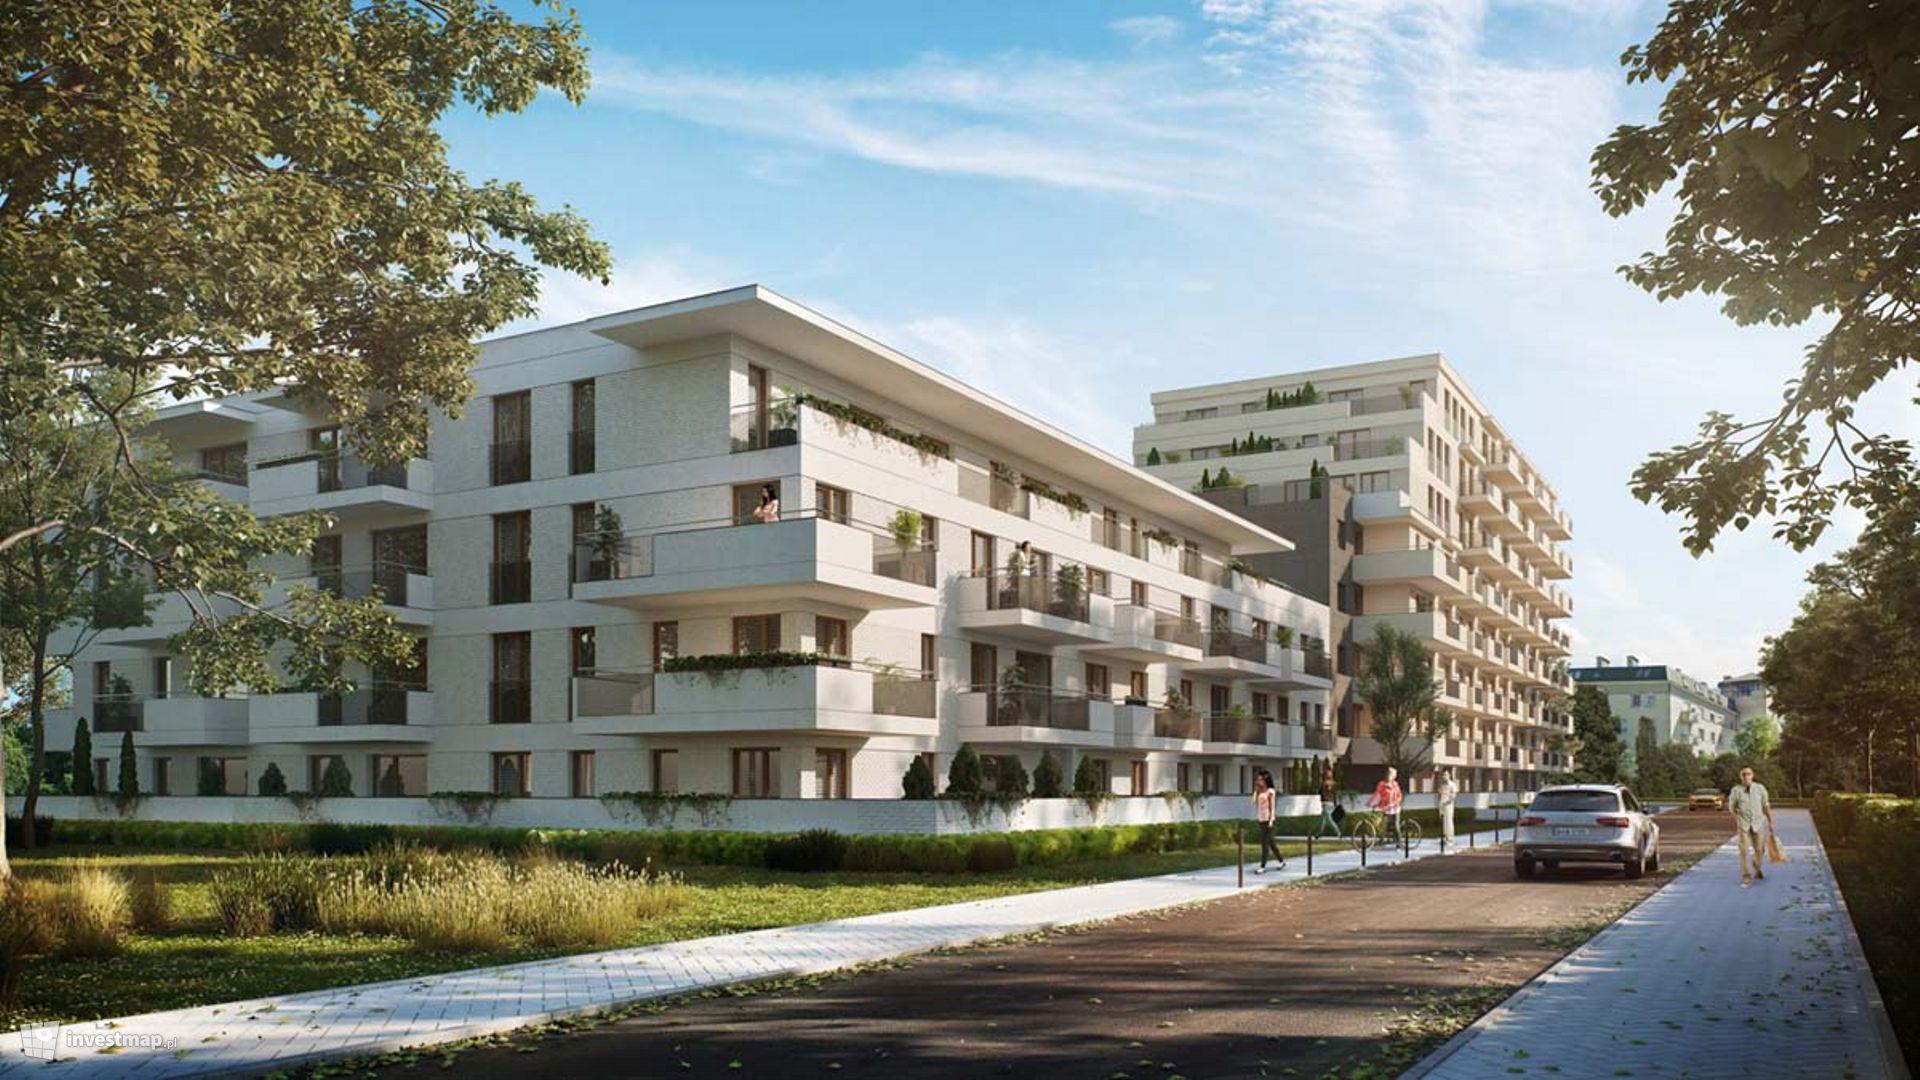 Budynki wielorodzinne Fajansowa 3 i 5